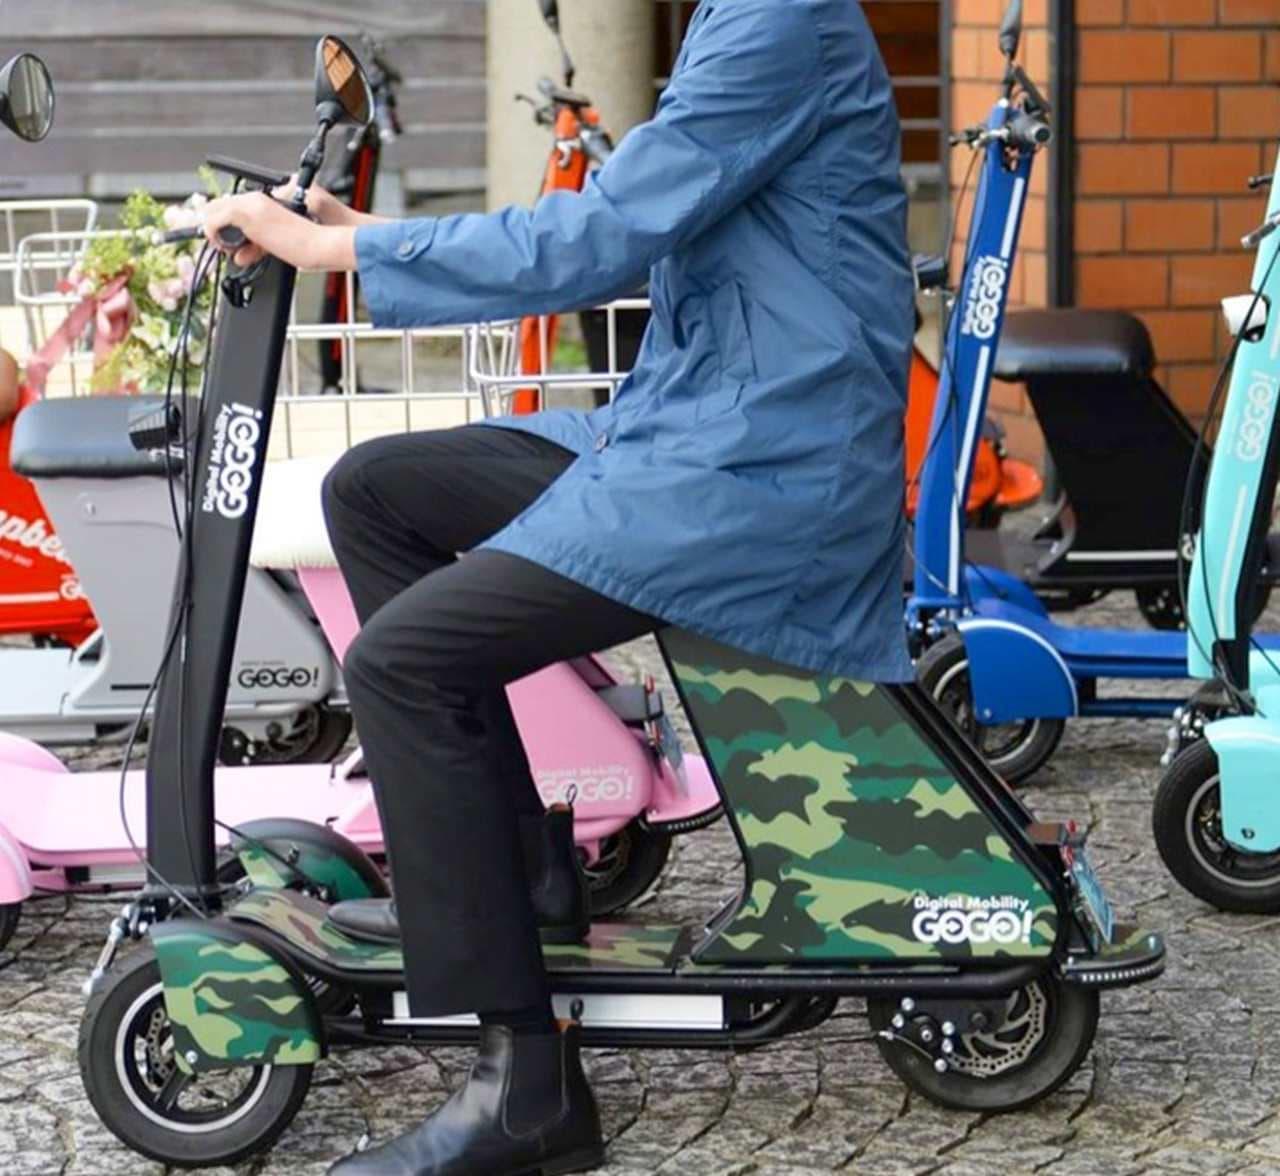 フロント2輪のスポーツ電動バイク「GOGO!R」